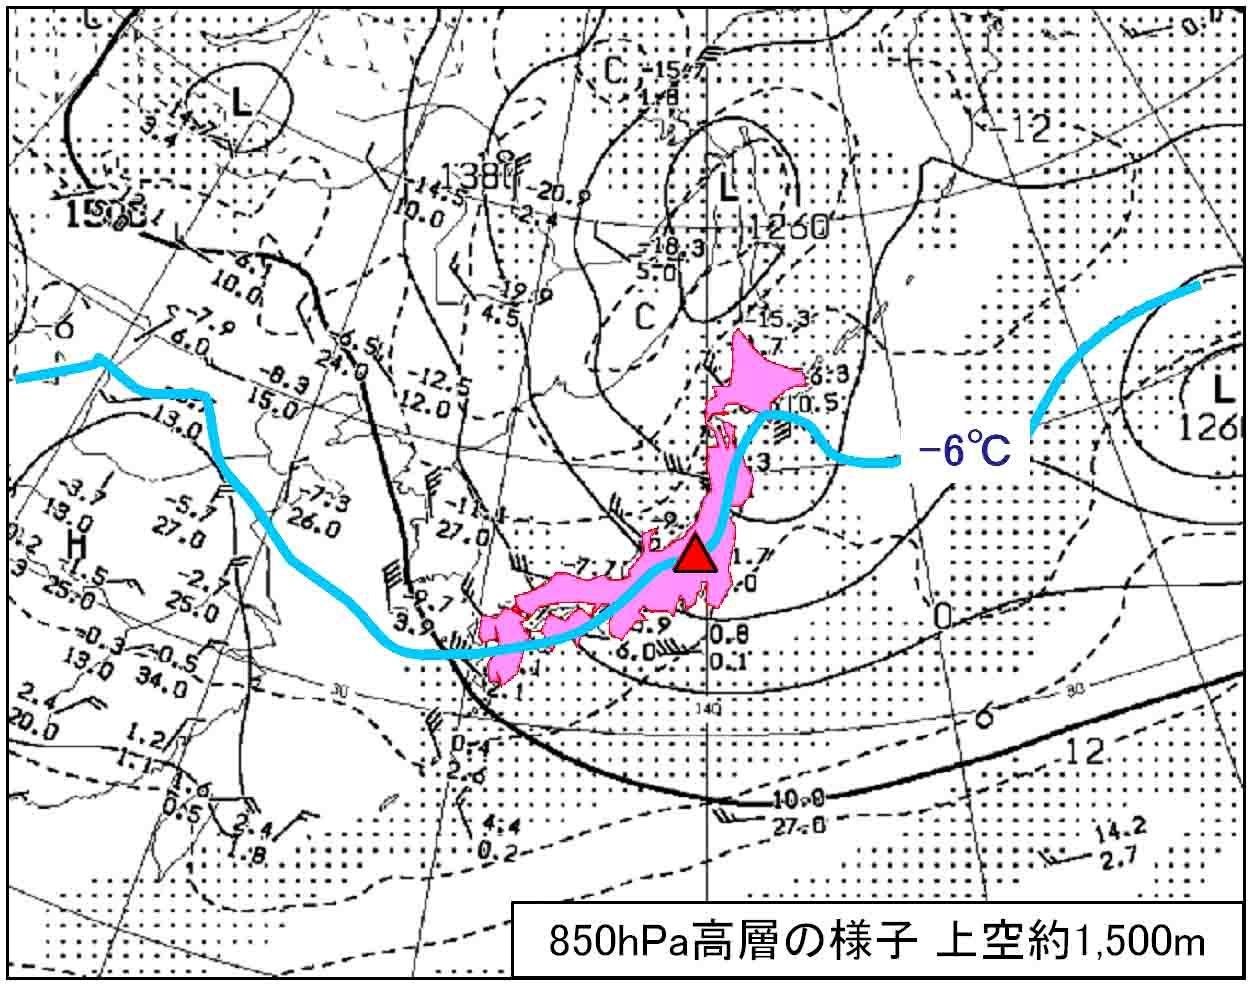 17日午前9時の850hPa天気図